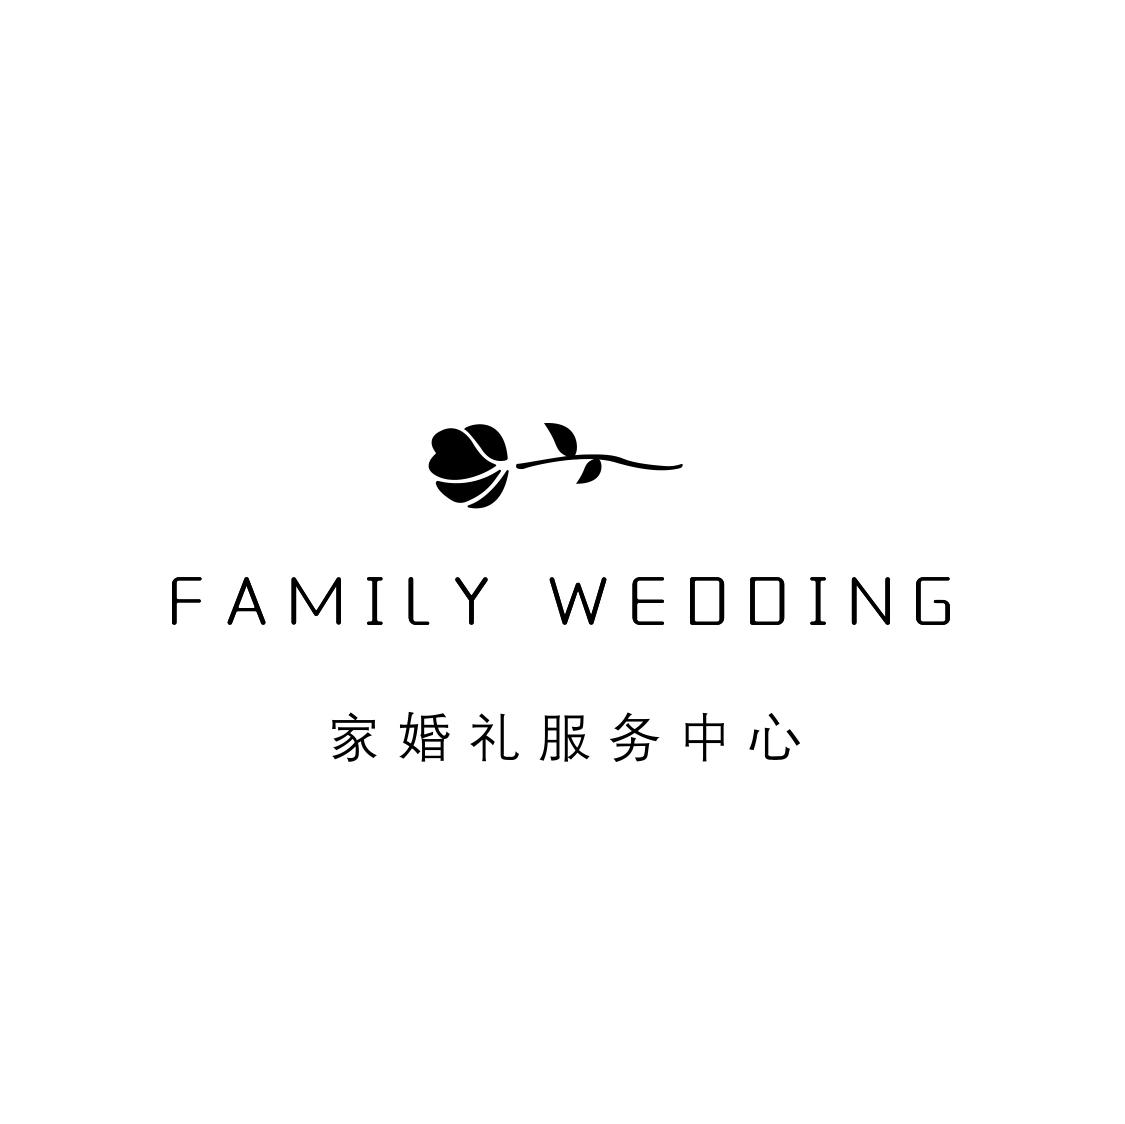 家婚礼服务中心